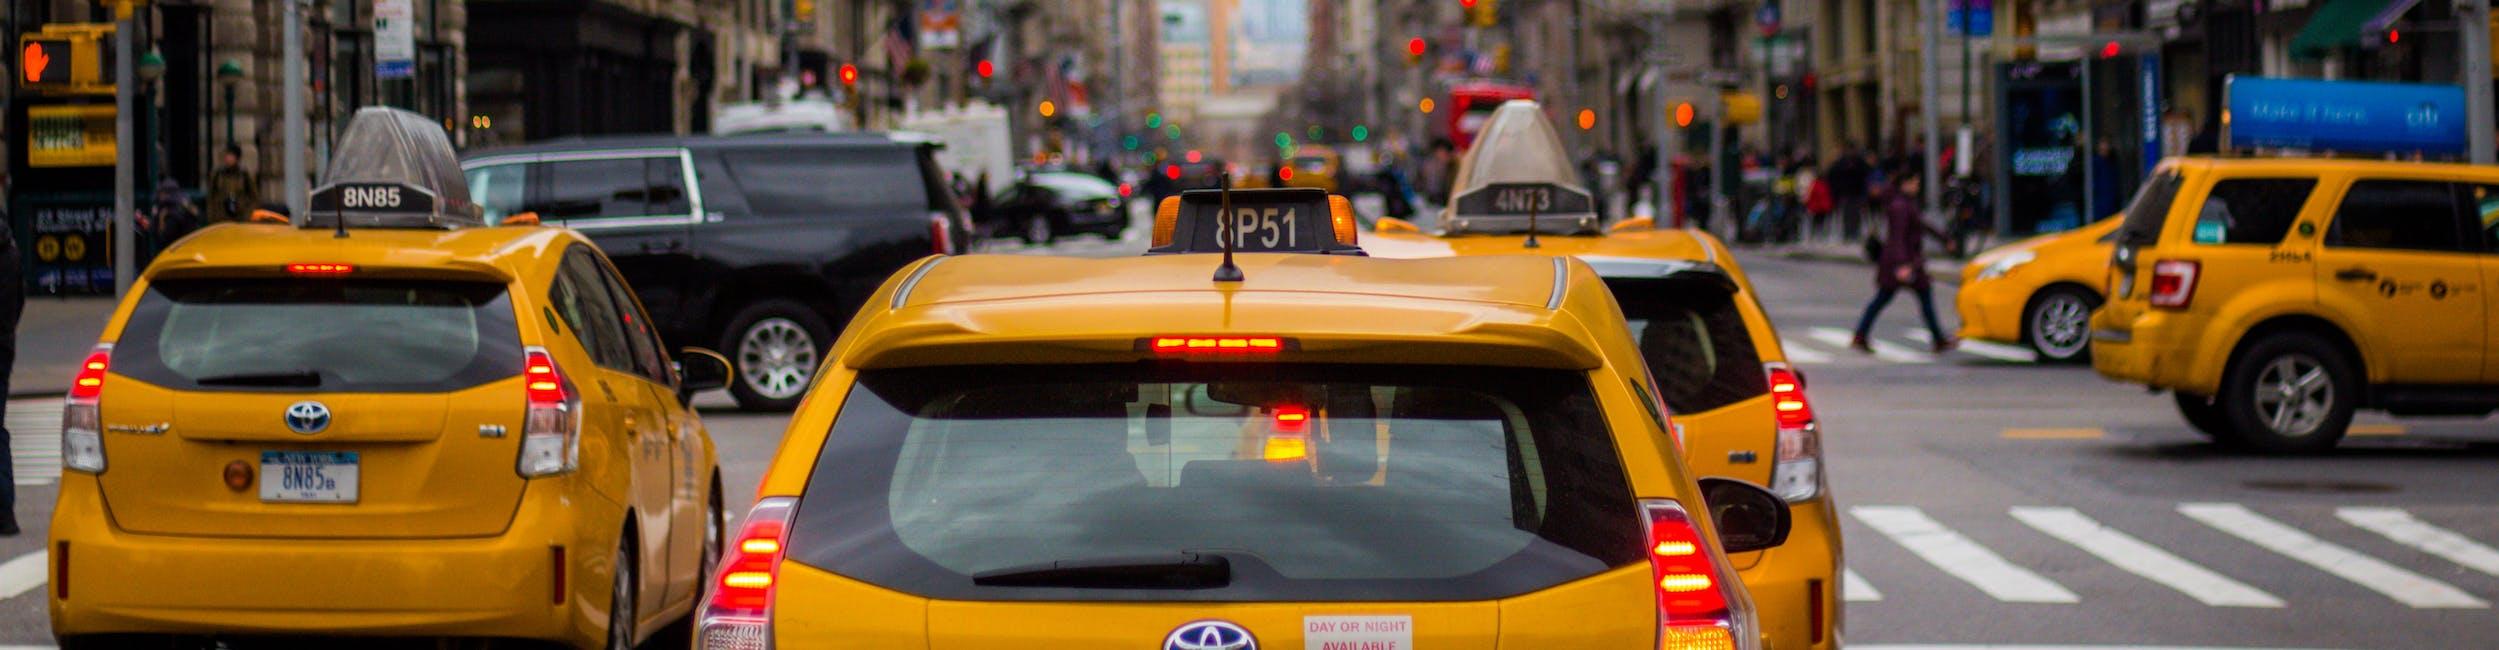 Taksówki w zatłoczonym mieście